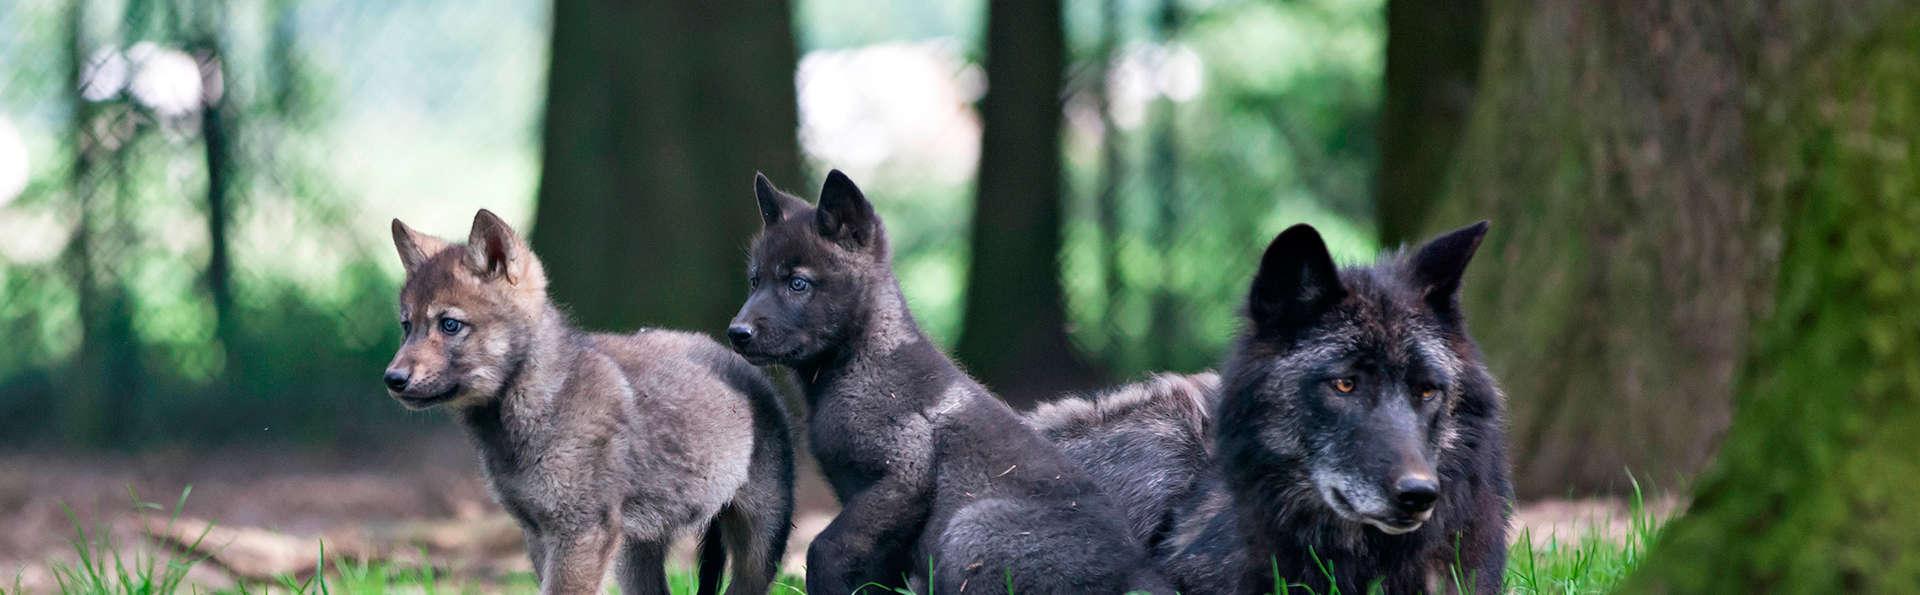 Escapade à Liège avec entrées pour le parc animalier Forestia